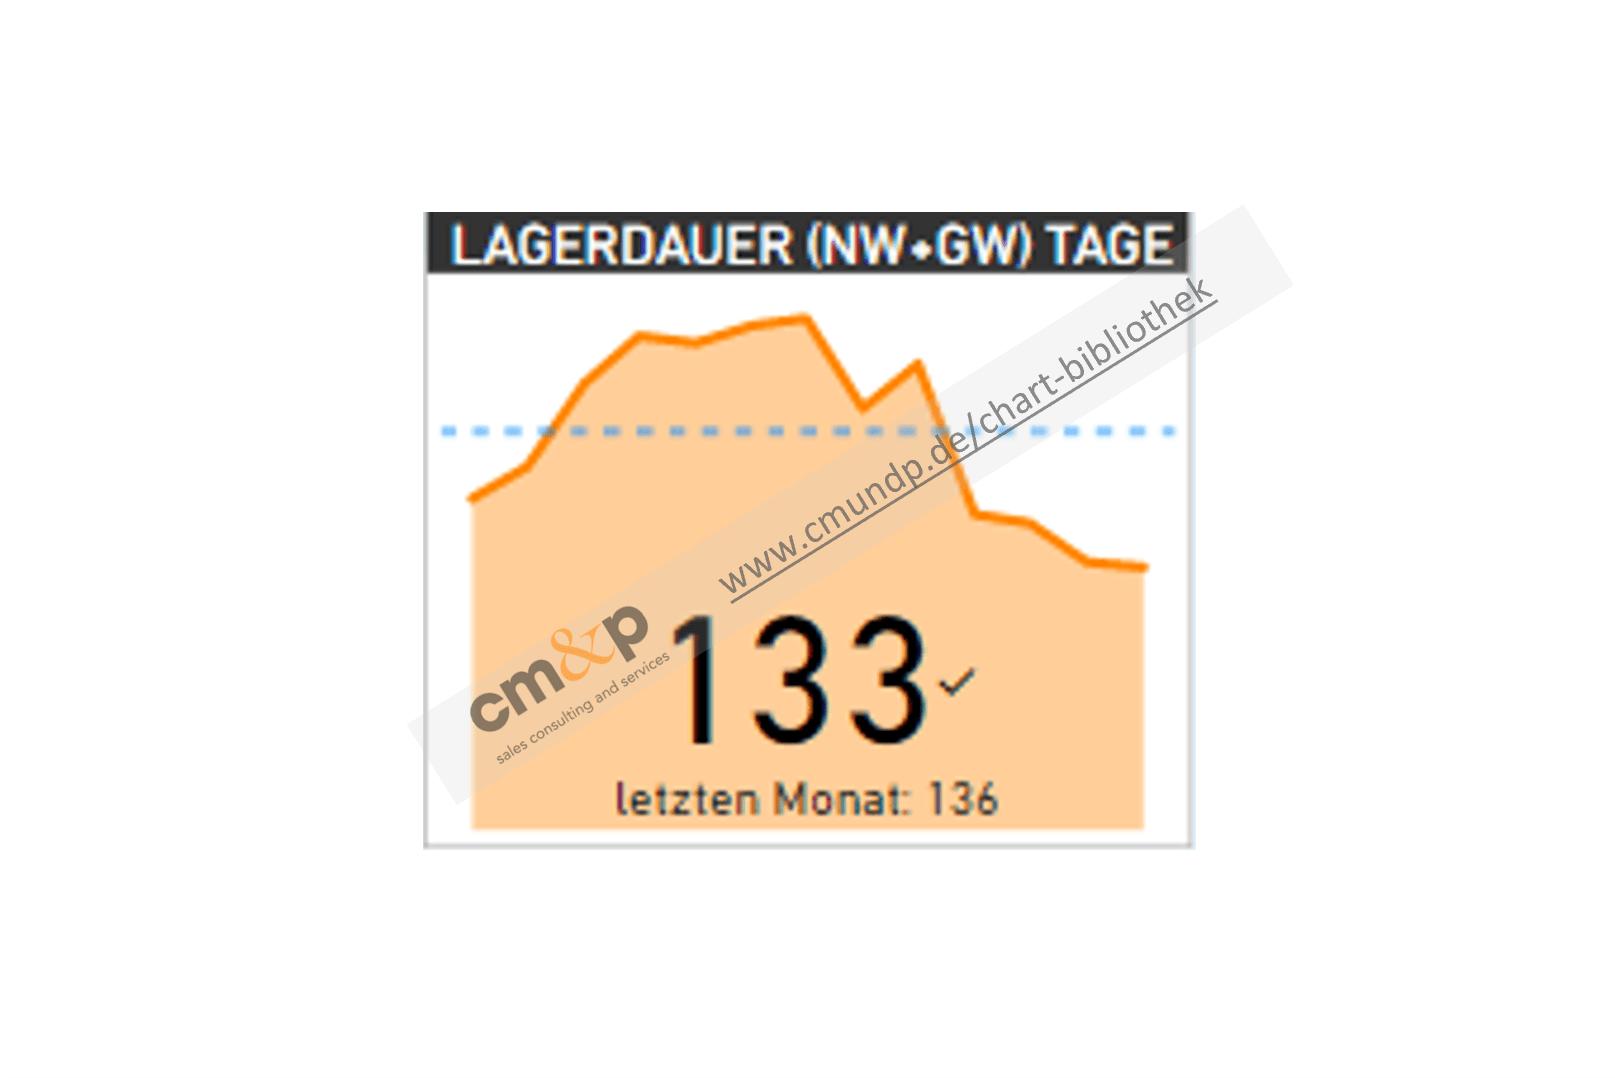 Darstellung der Lagerdauer für NW und GW als absoluter Wert im direkten Monatsvergleich